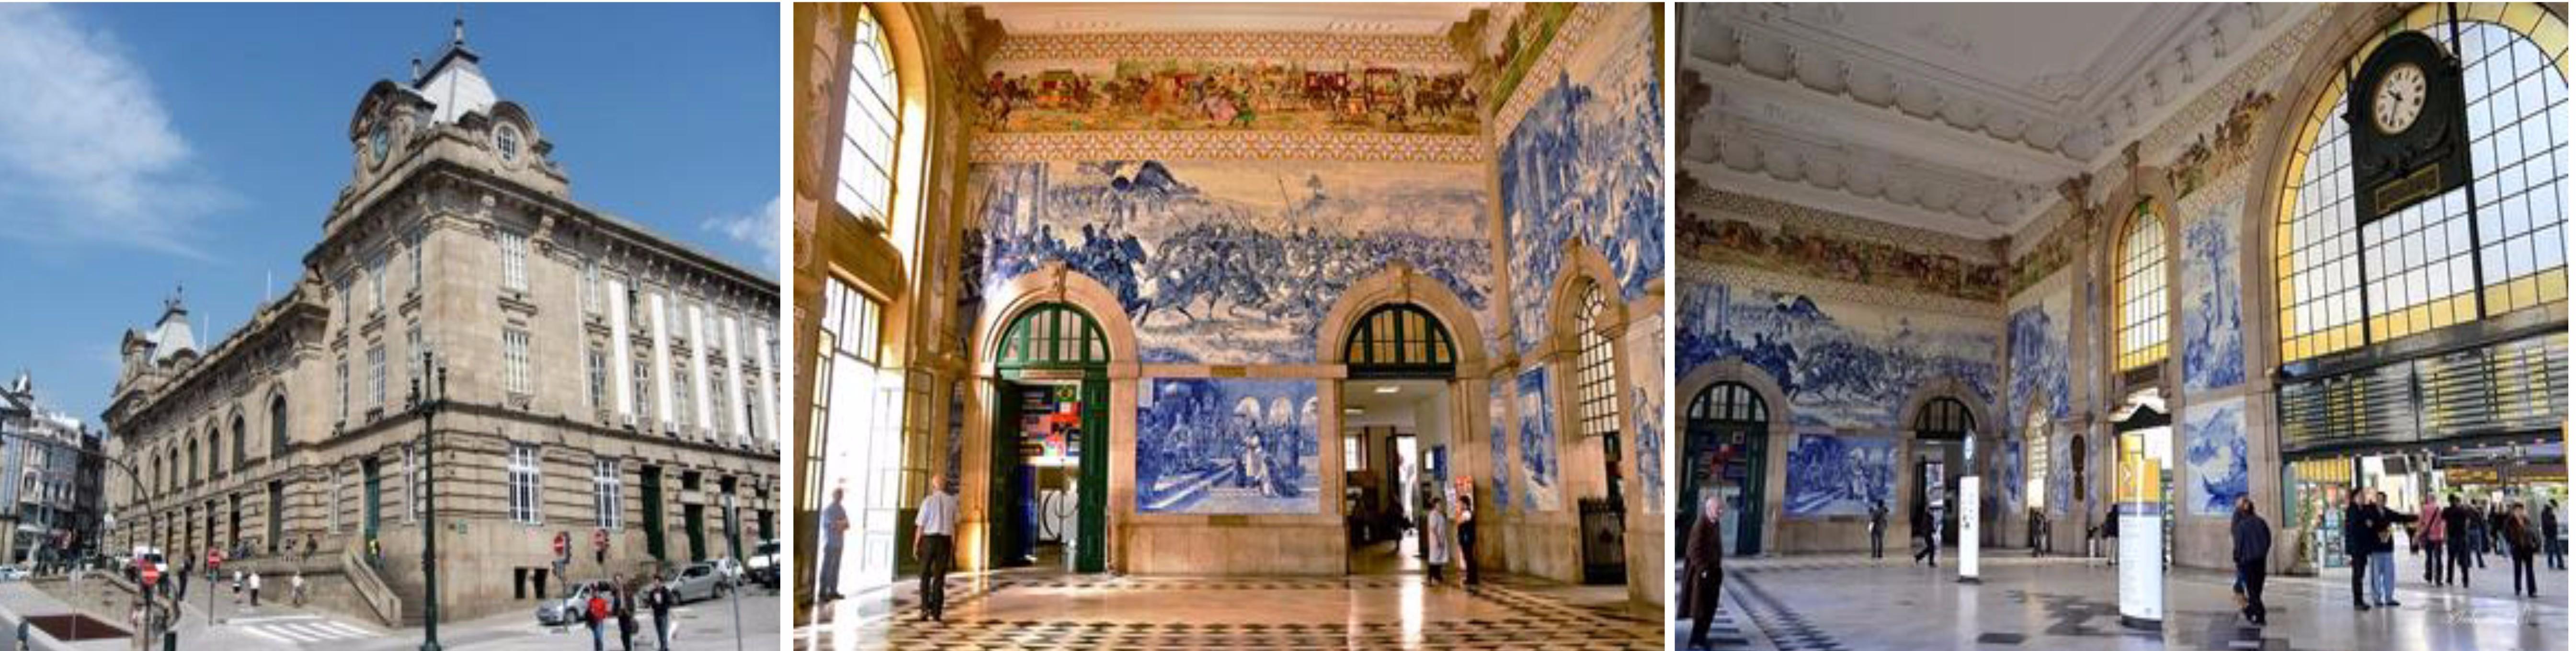 โคอิมบรา – อะเวโร่ – ล่องเรือ – ลิ้มลองขนมท้องถิ่น ovos moles – ปอร์โต้ – สถานีรถไฟ เซา เบนโต – ร้านหนังสือเลลโล่ – Cais da Ribeira – Ponte de D.Luis - 2